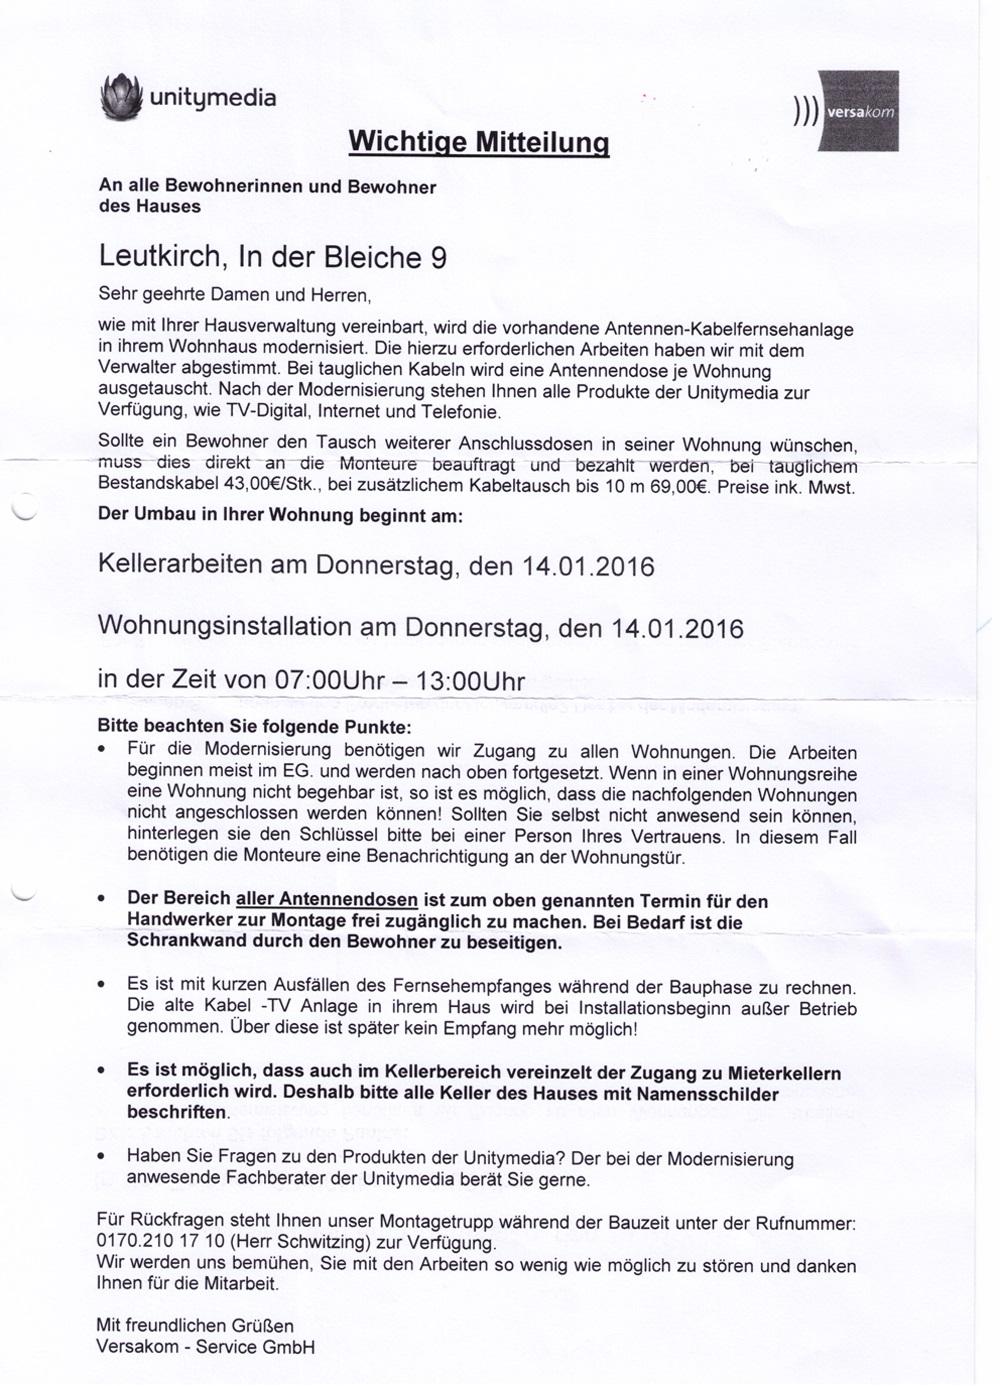 PhilaSeiten.de: Deutsche Post: Postwurfsendung und Postwurfspezial